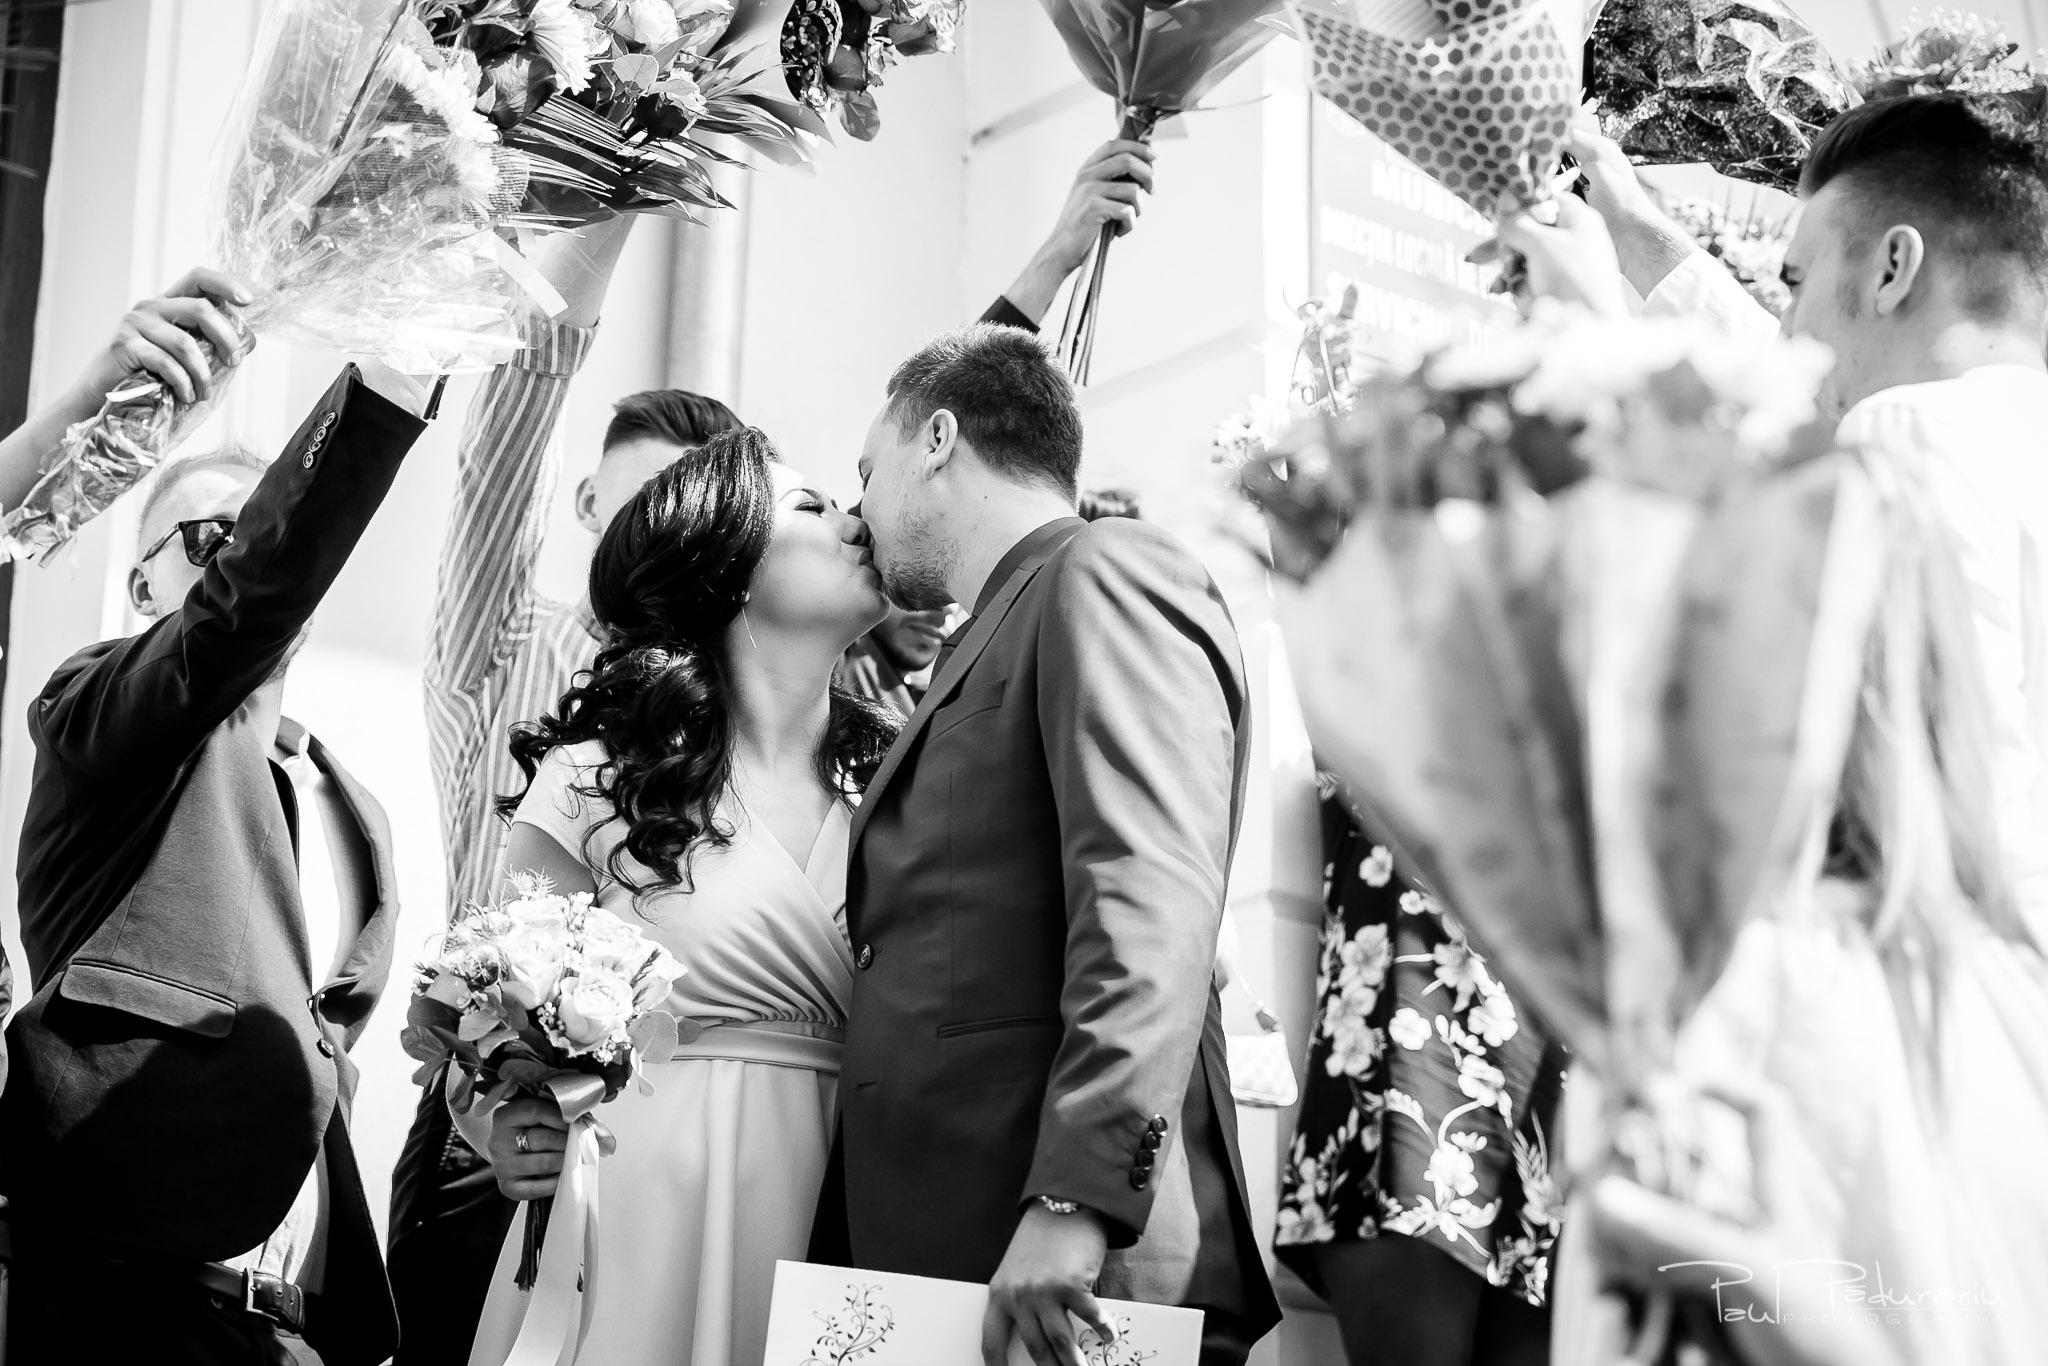 Denisa si Andrei nunta Hotel International Iasi 2019 fotograf nunta iasi paul padurariu 5